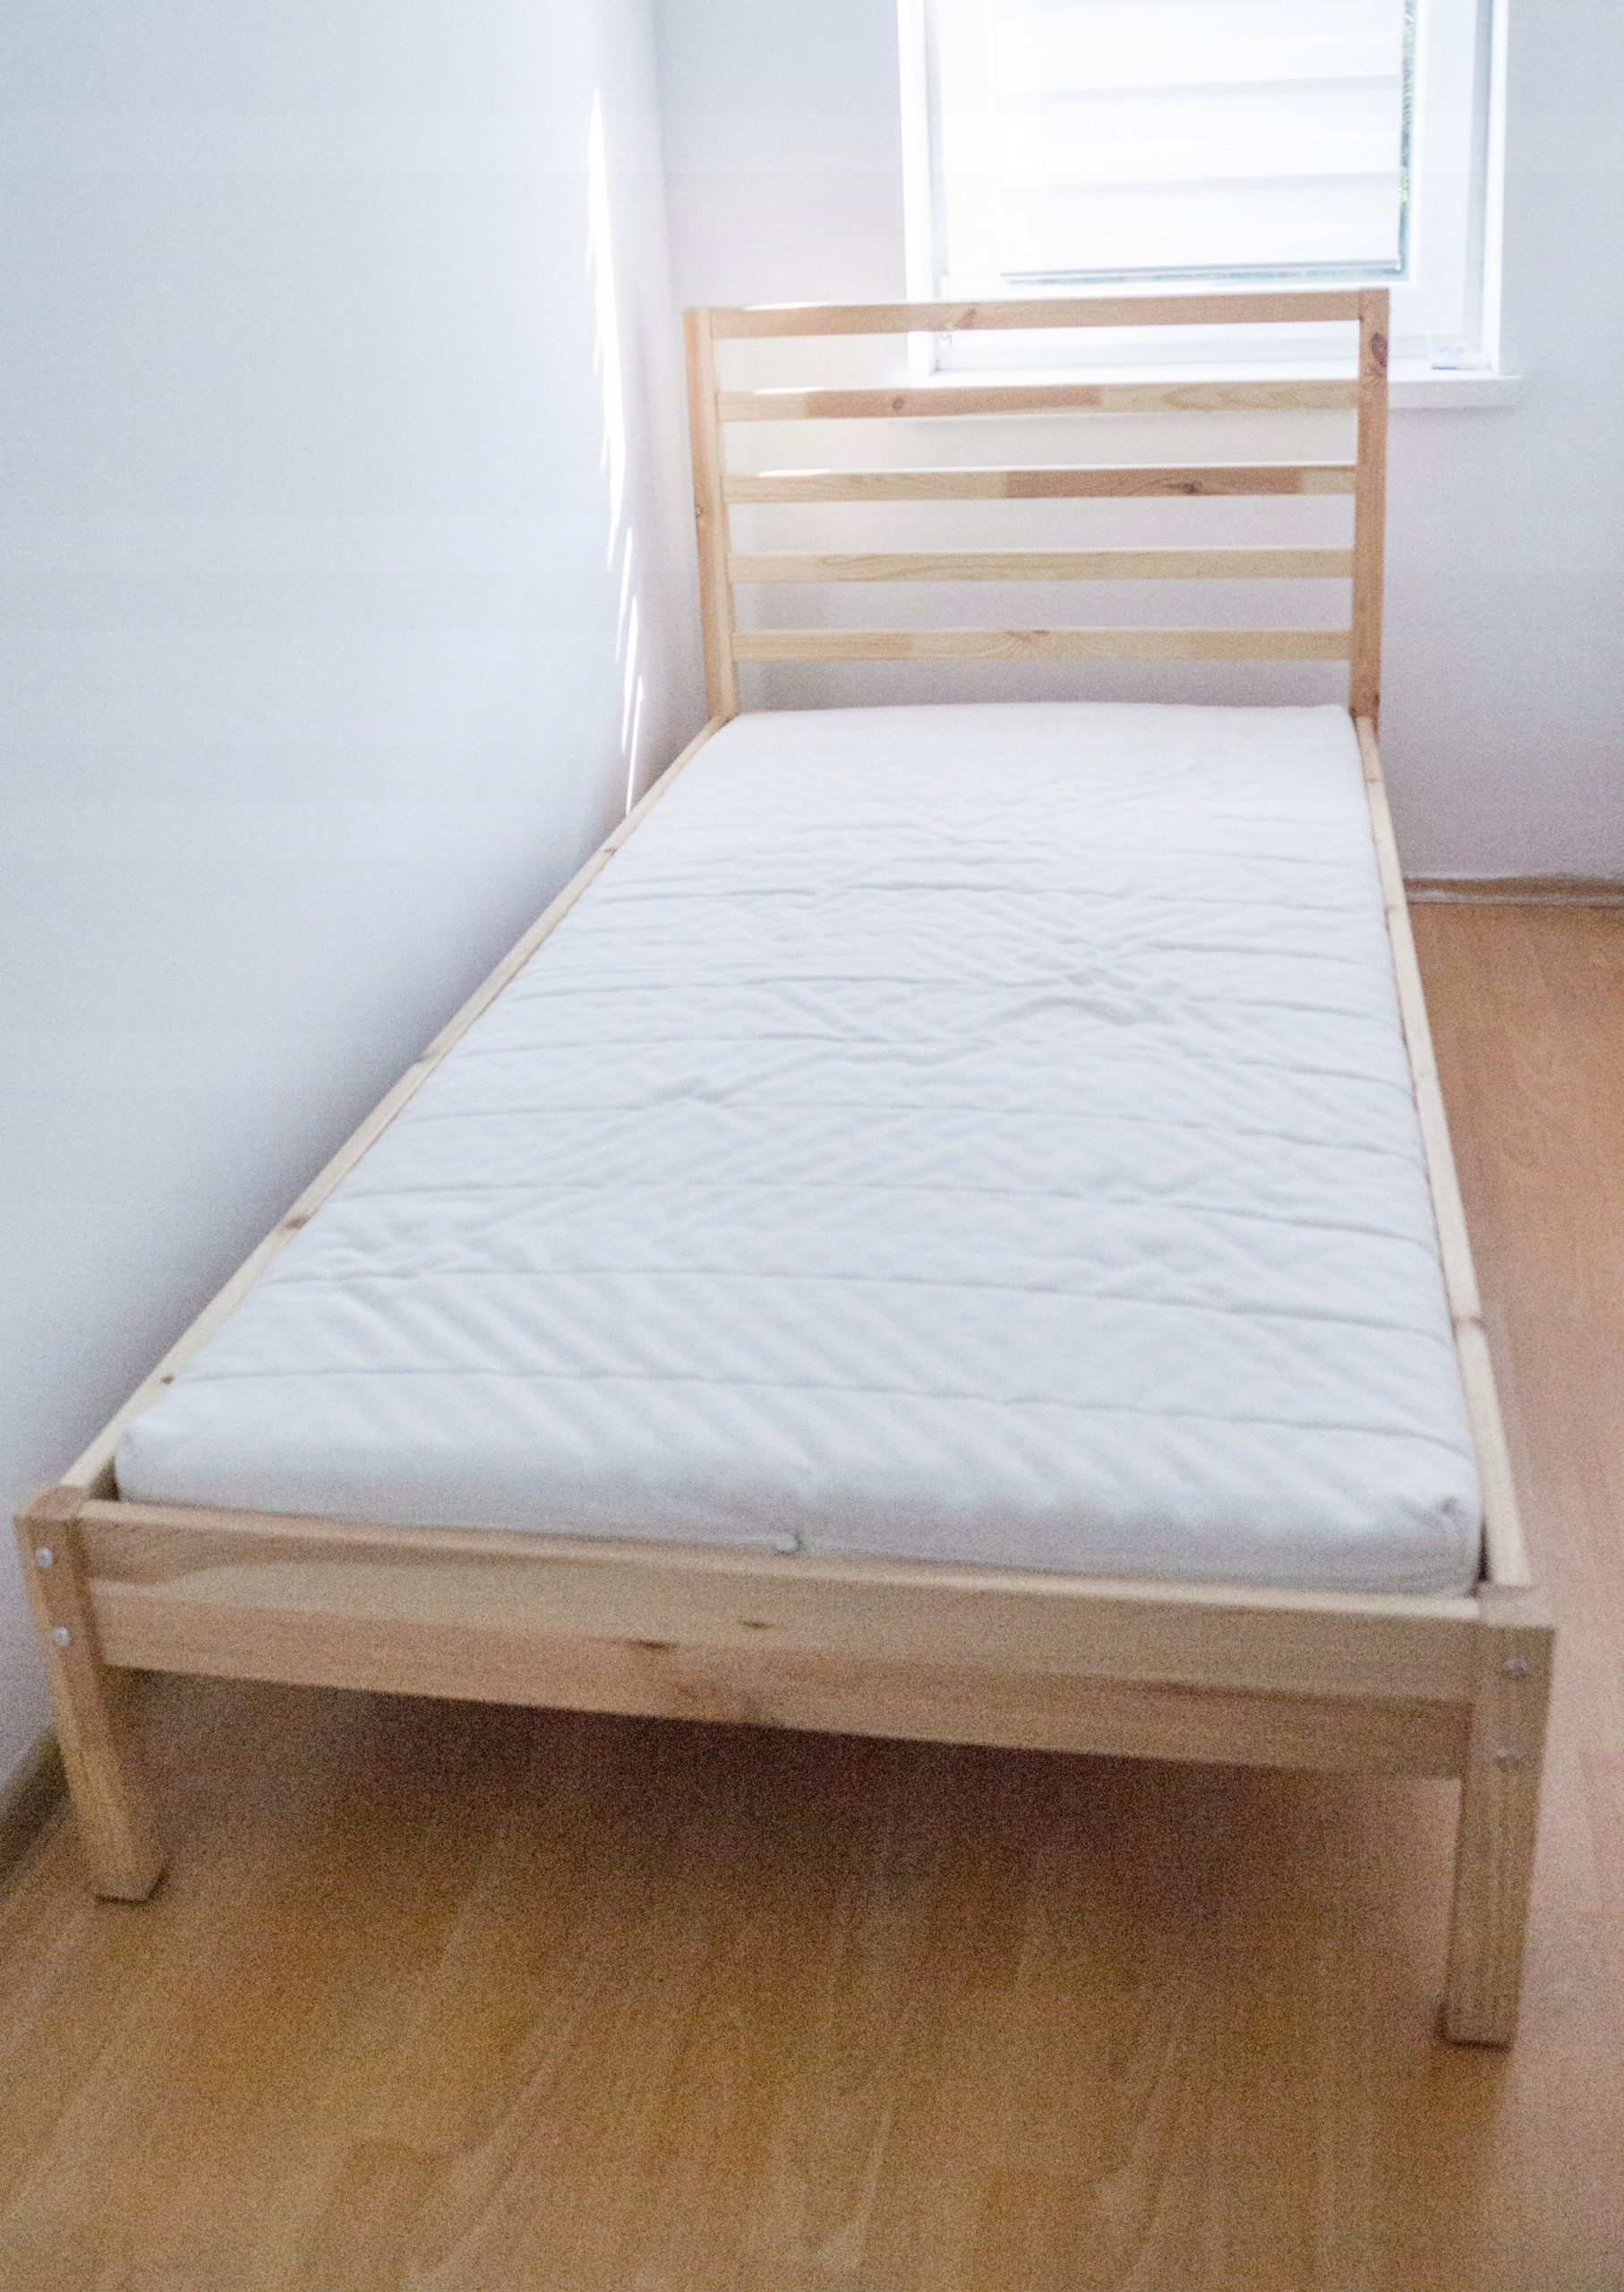 Groovy Łóżko + Materac IKEA | 90x200 cm - 7599936235 - oficjalne archiwum DF29